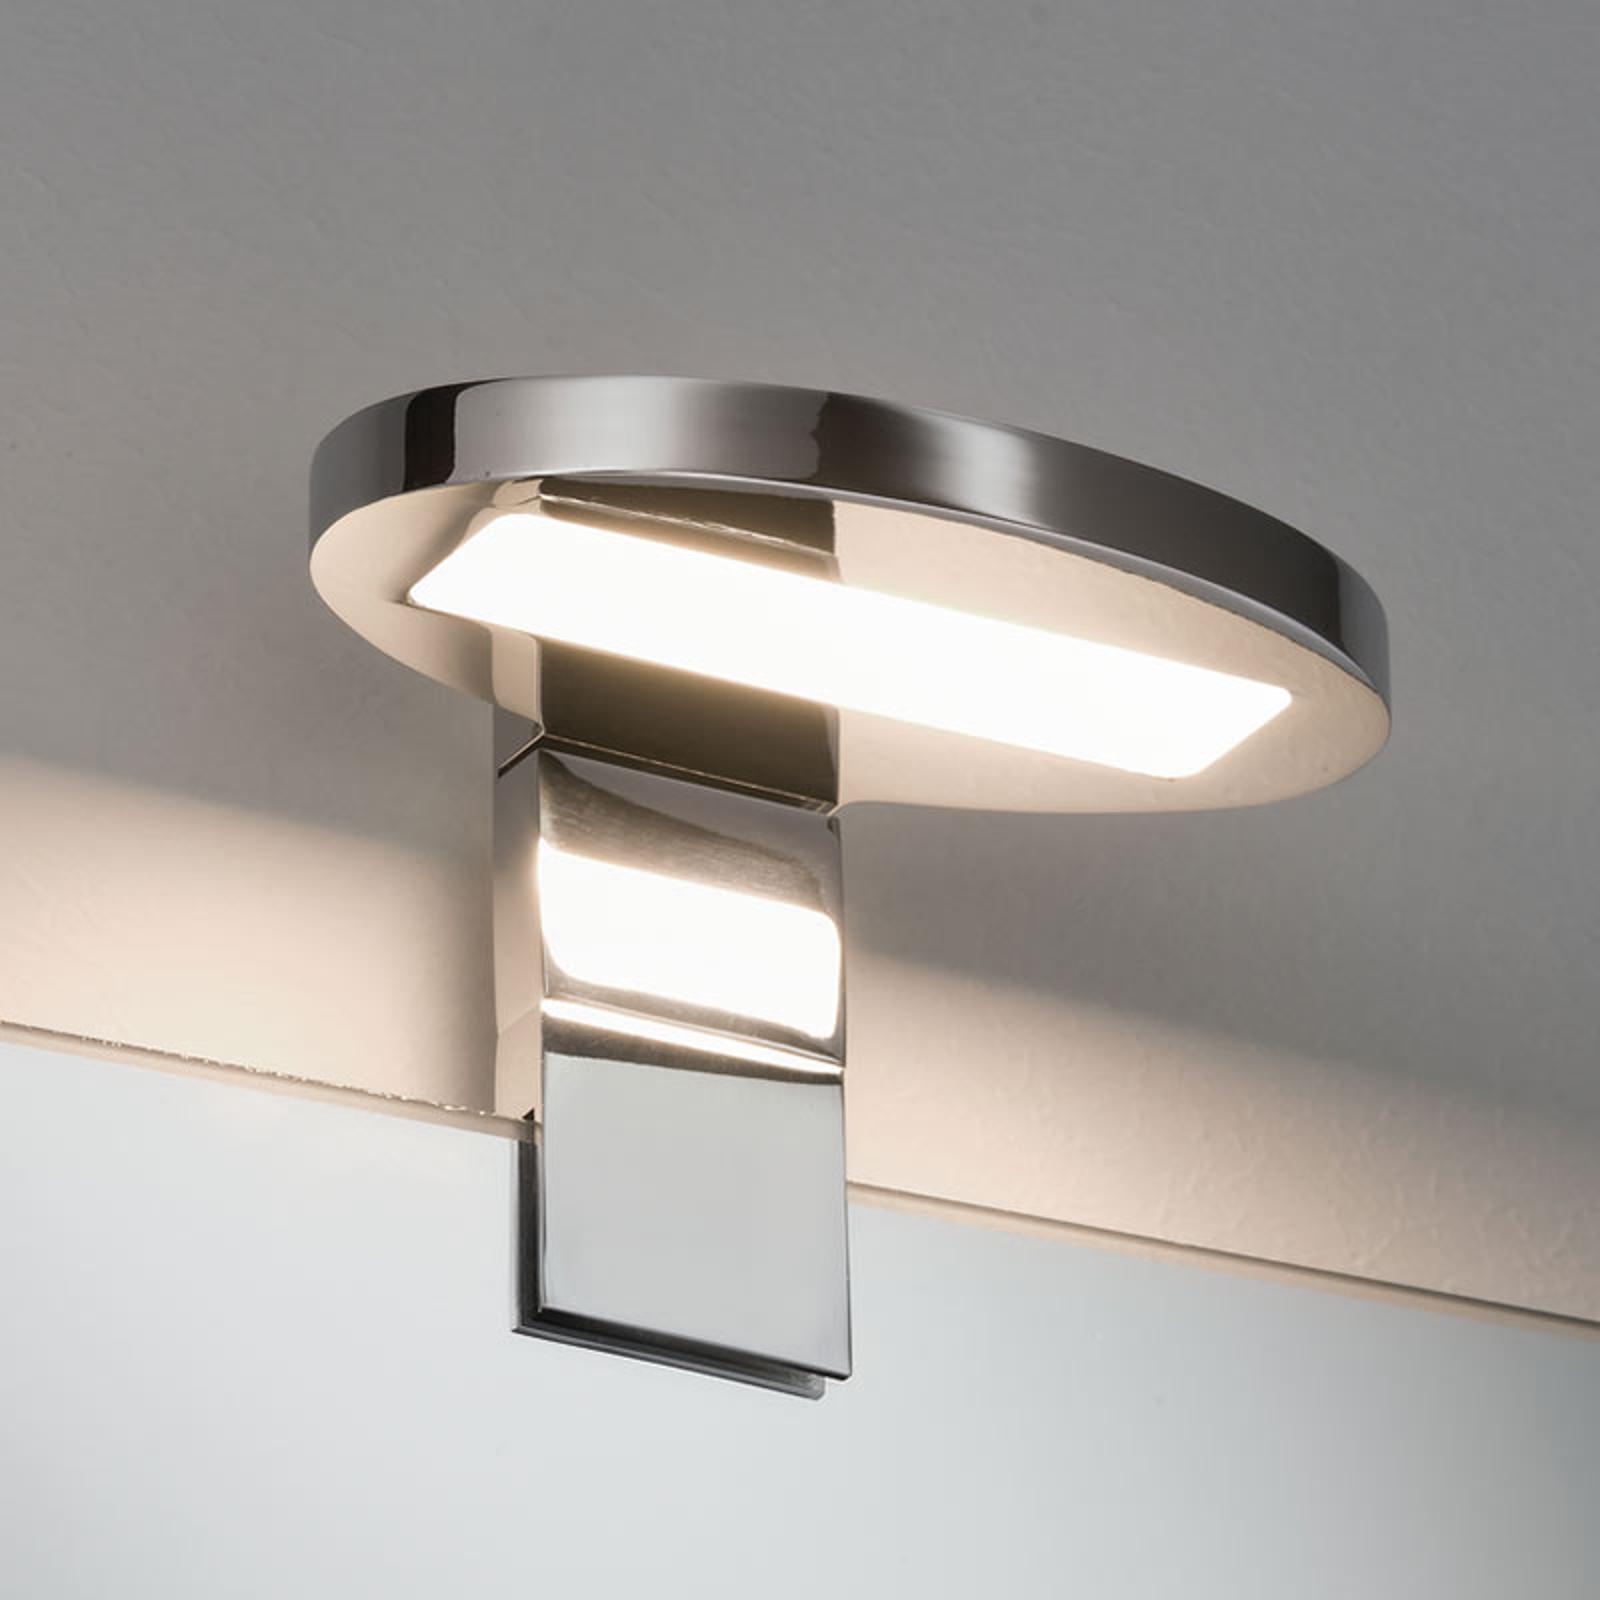 Paulmann Galeria Oval lampada LED da specchi Illuminazione per interni